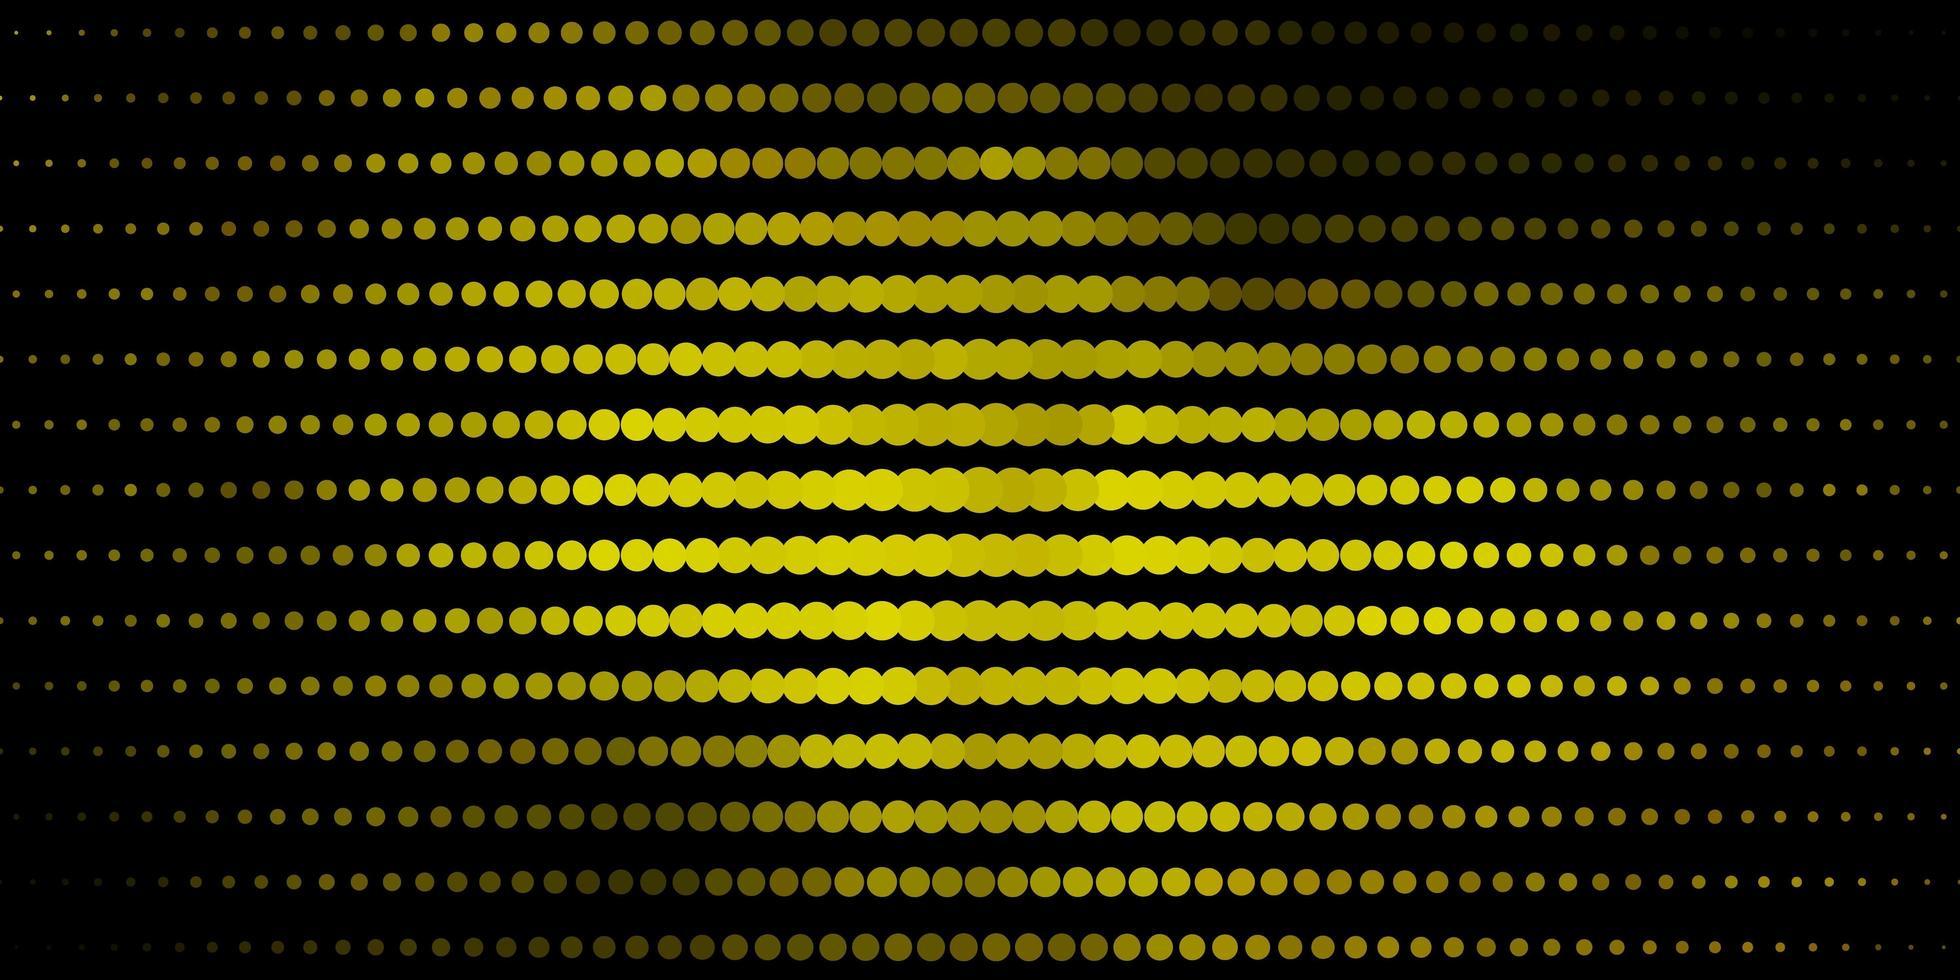 verde scuro, sfondo giallo con cerchi. vettore